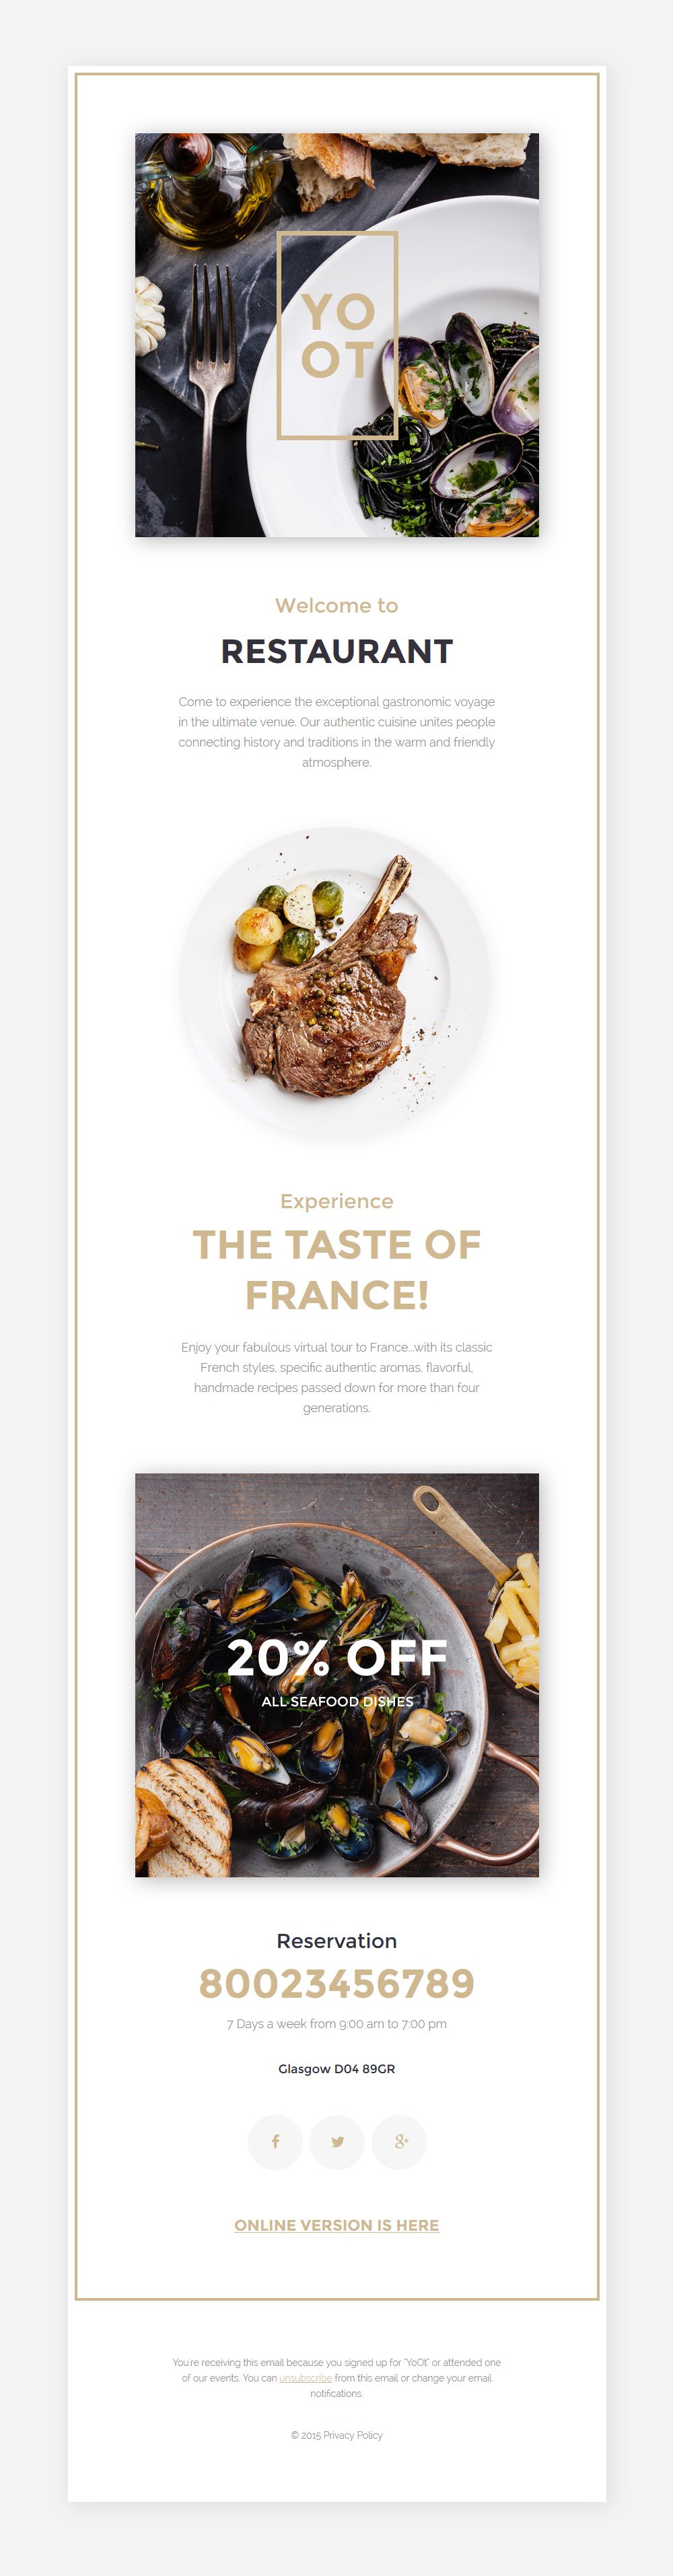 Адаптивный Шаблон рассылки №57614 на тему кафе и ресторан - скриншот